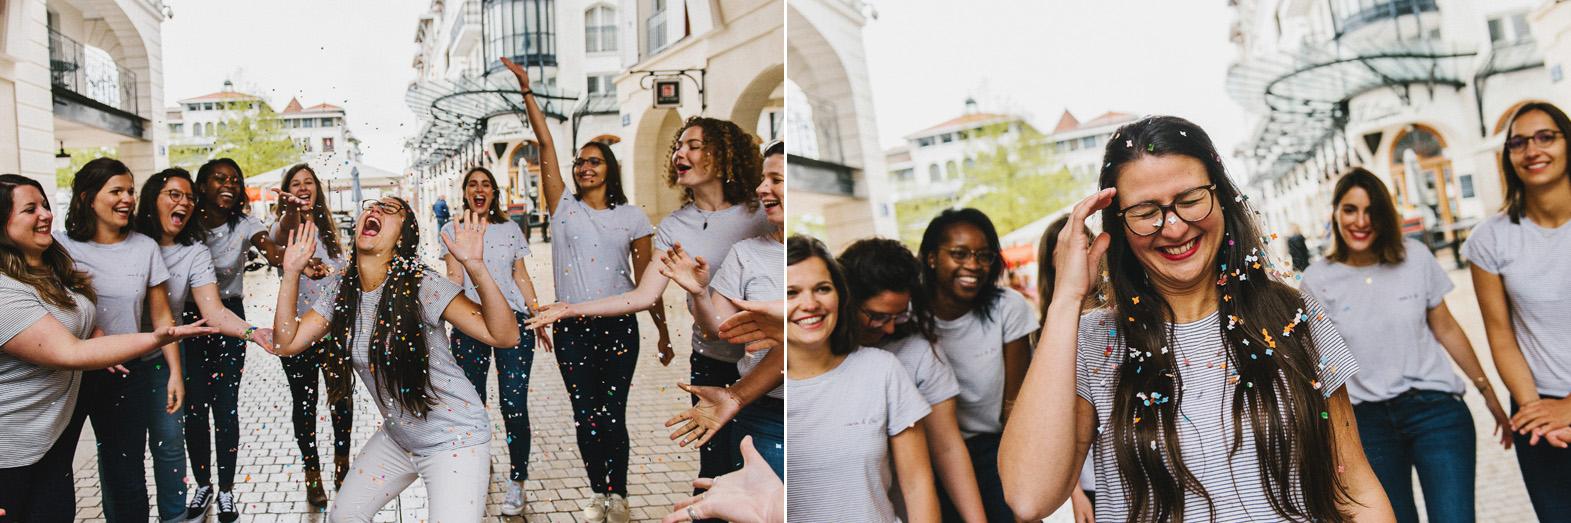 des femmes lancent des confettis sur la future mariée